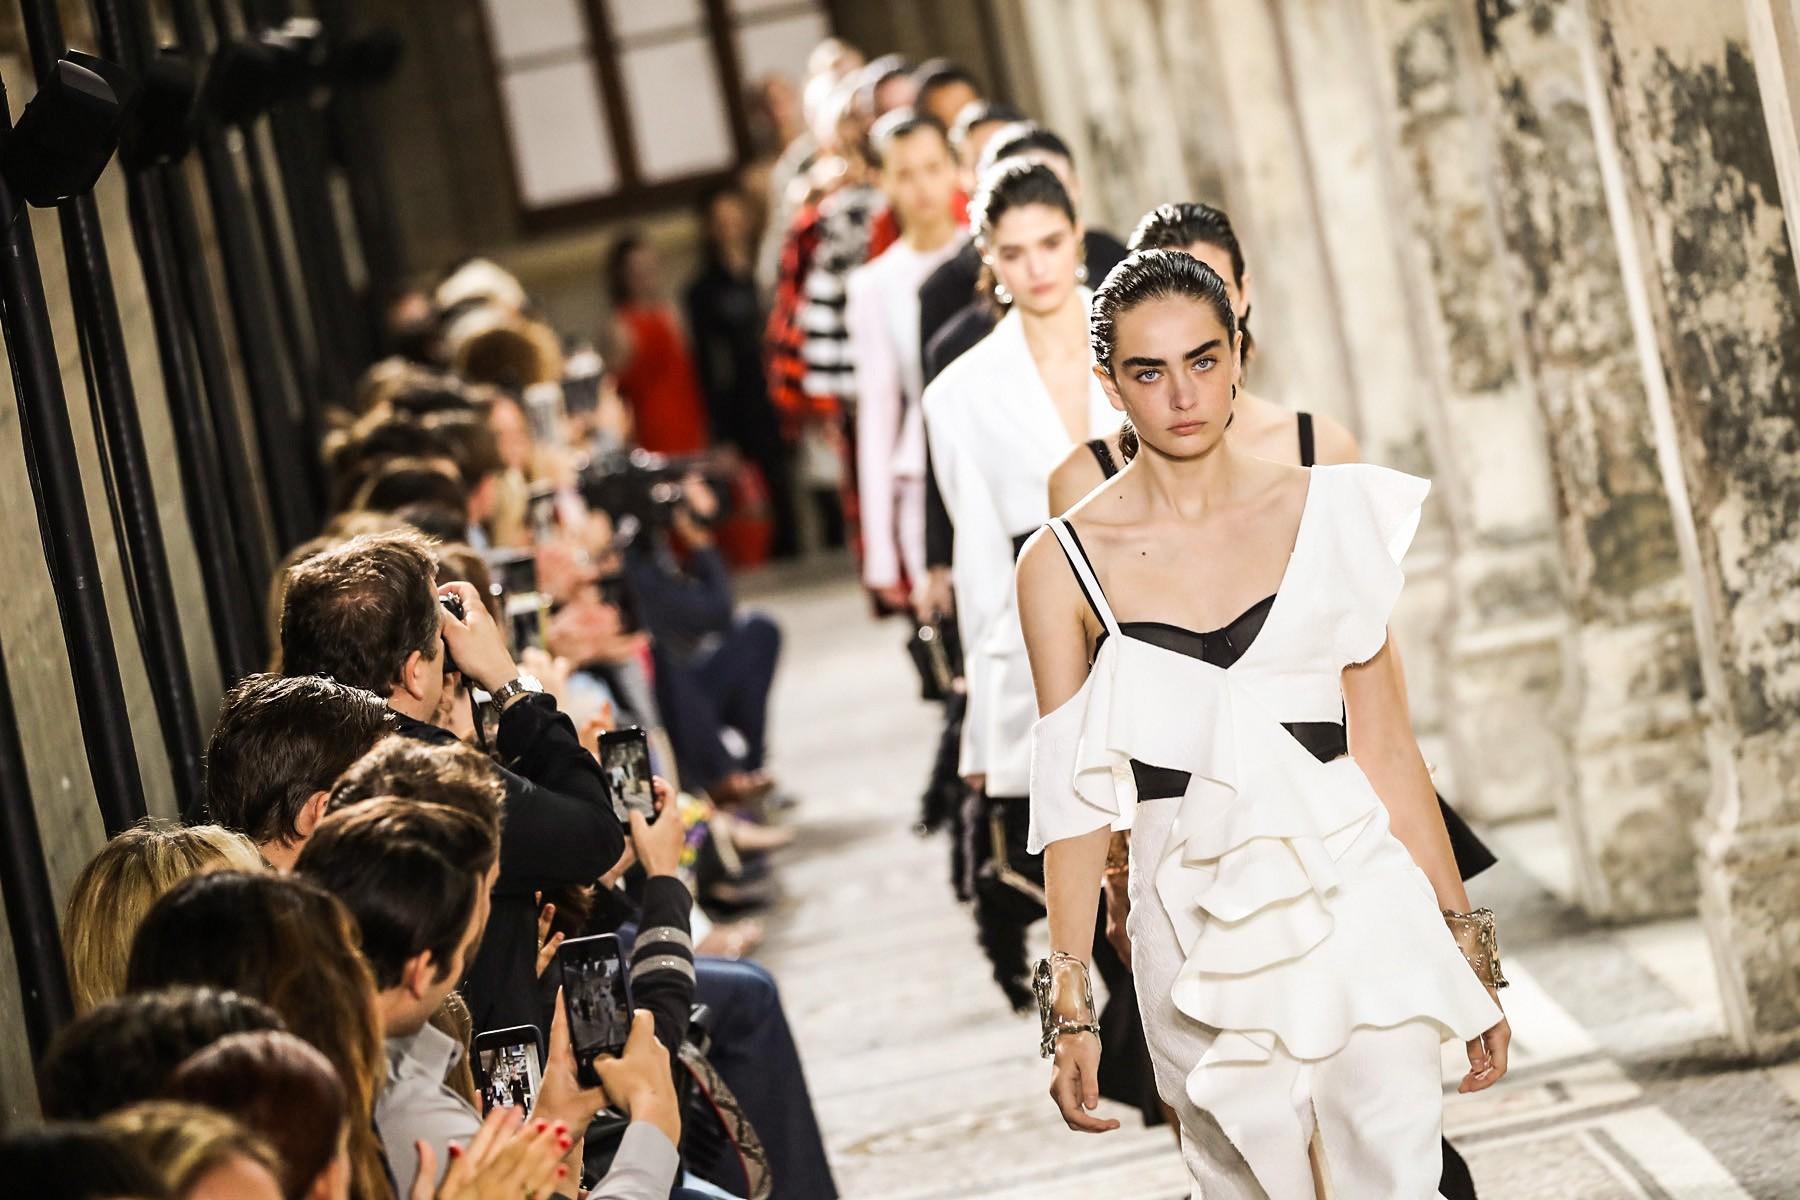 Proenza Schouler desfila prévia do verão 2018 durante a semana couture em Paris (Foto: Reprodução )